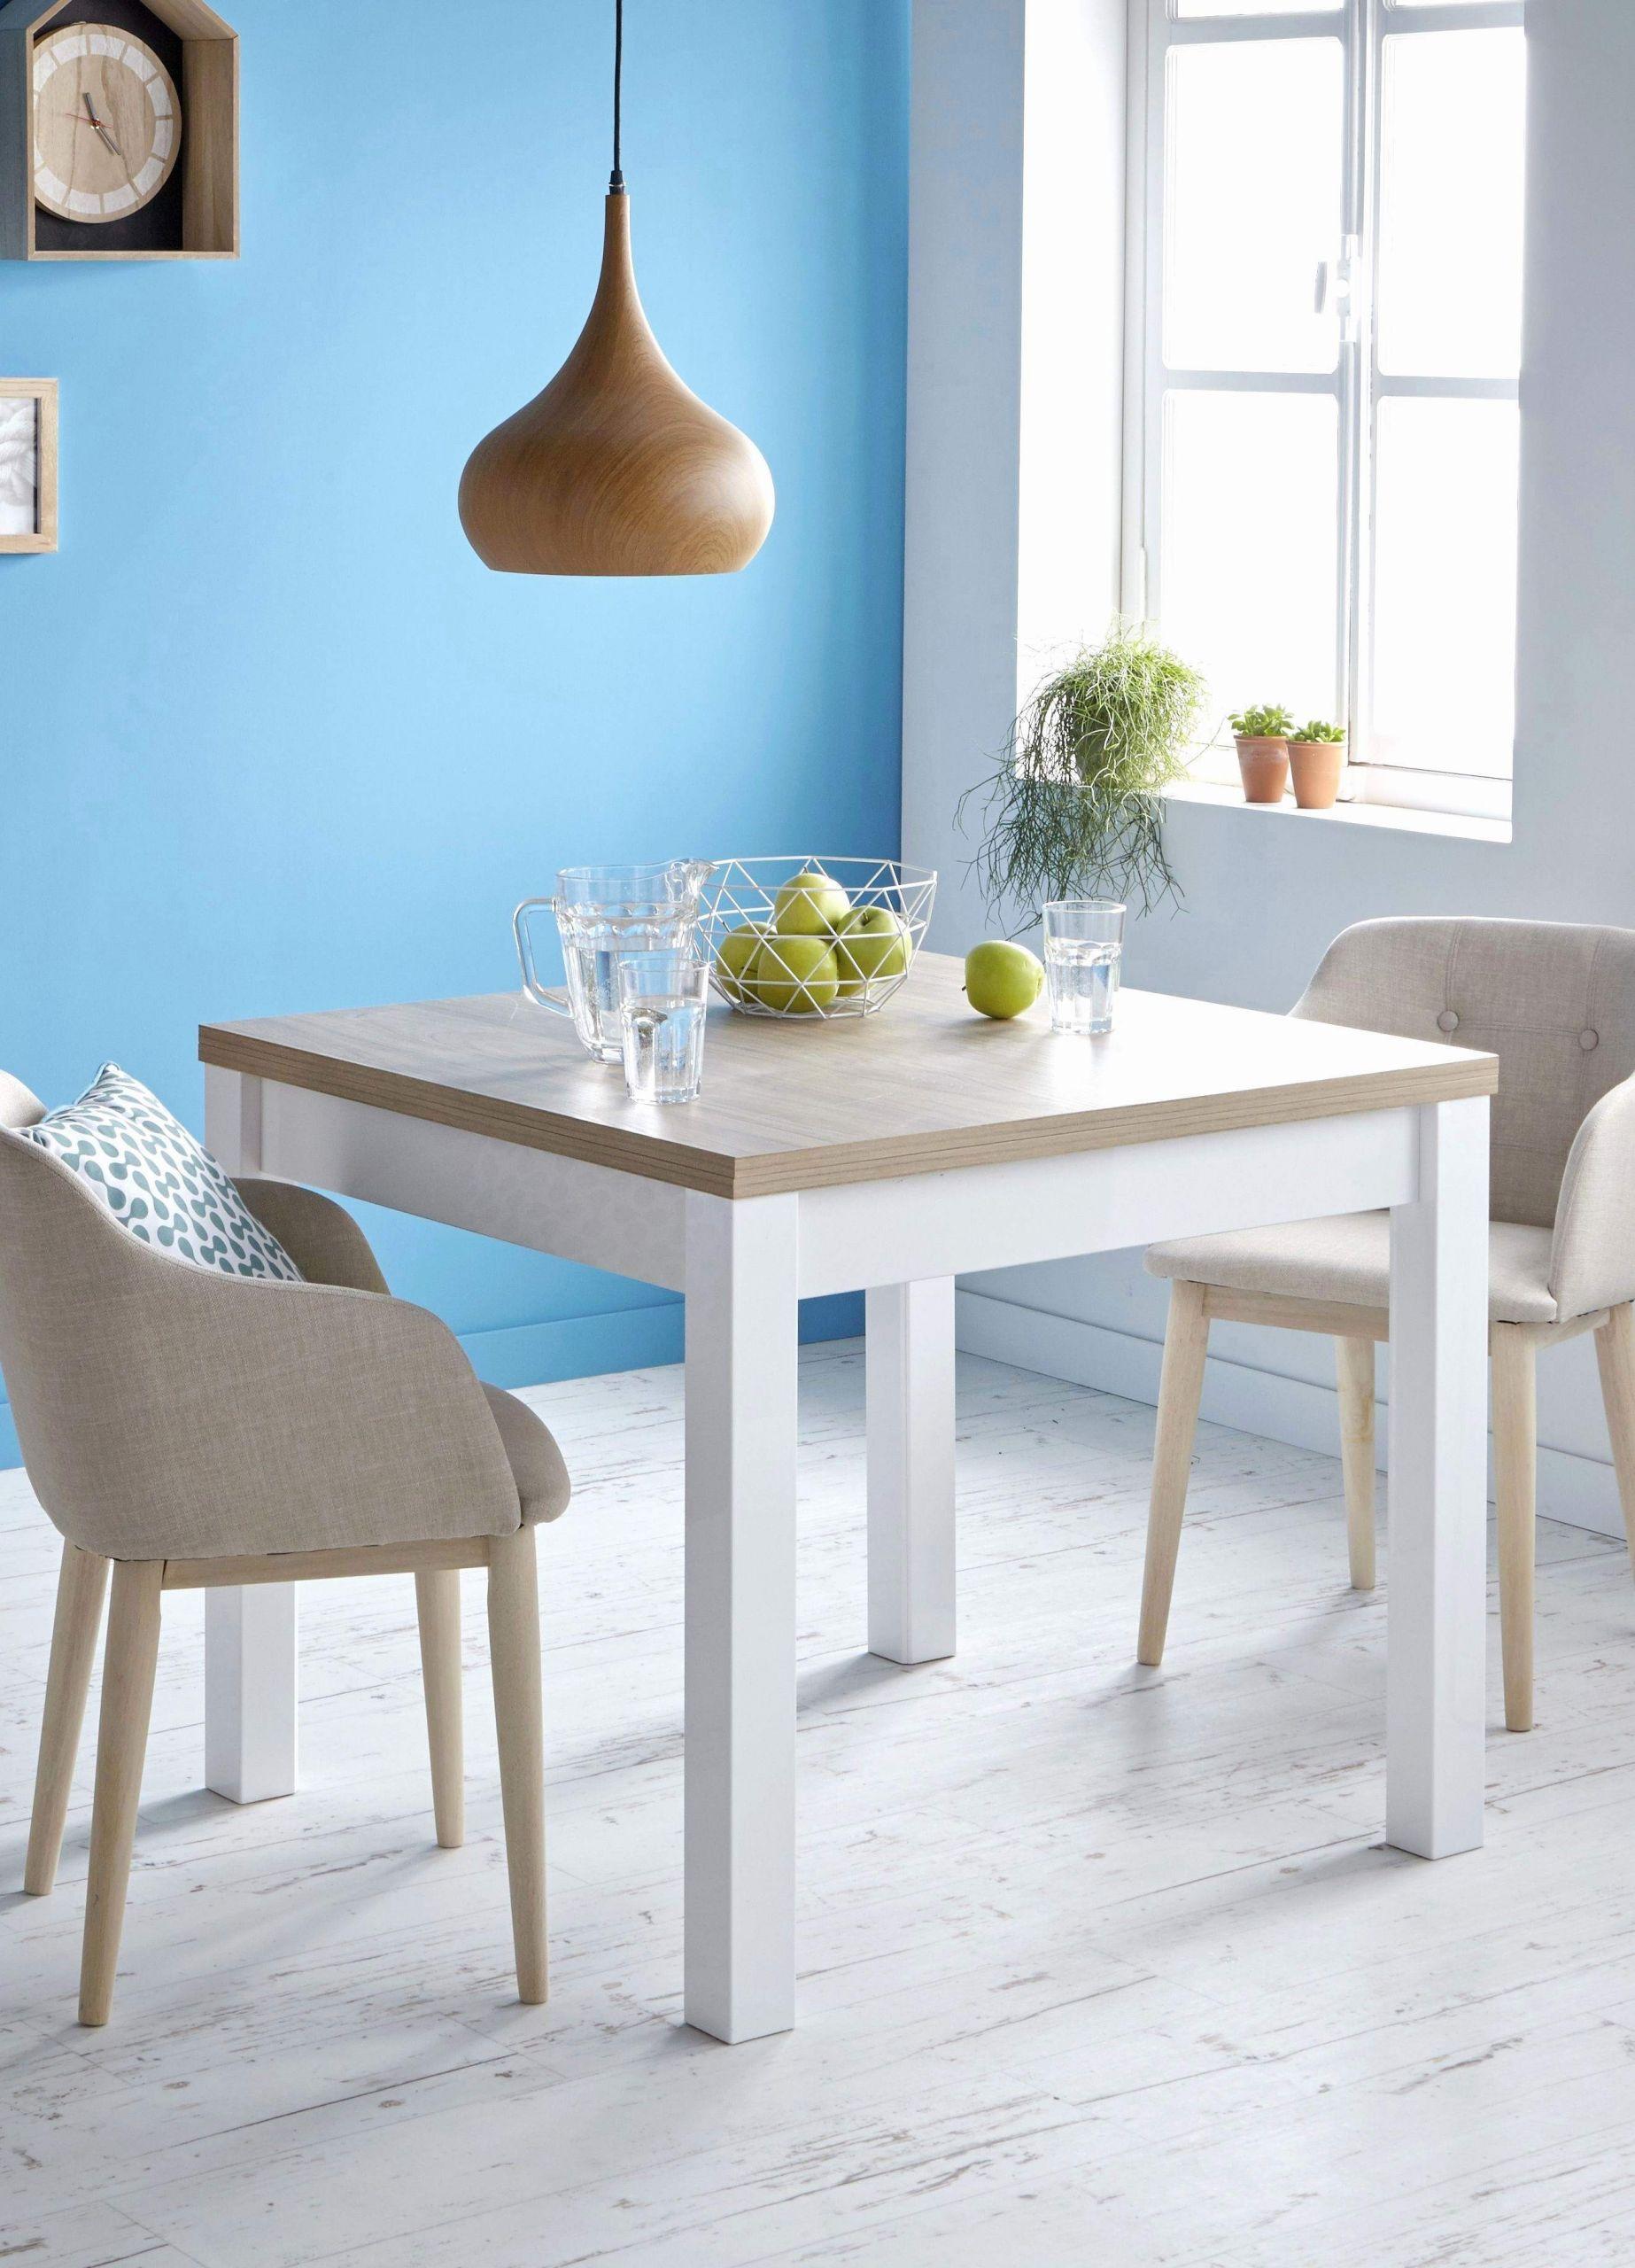 Chaise De Table Best Of Table De Jardin Et Chaises Table De Jardin